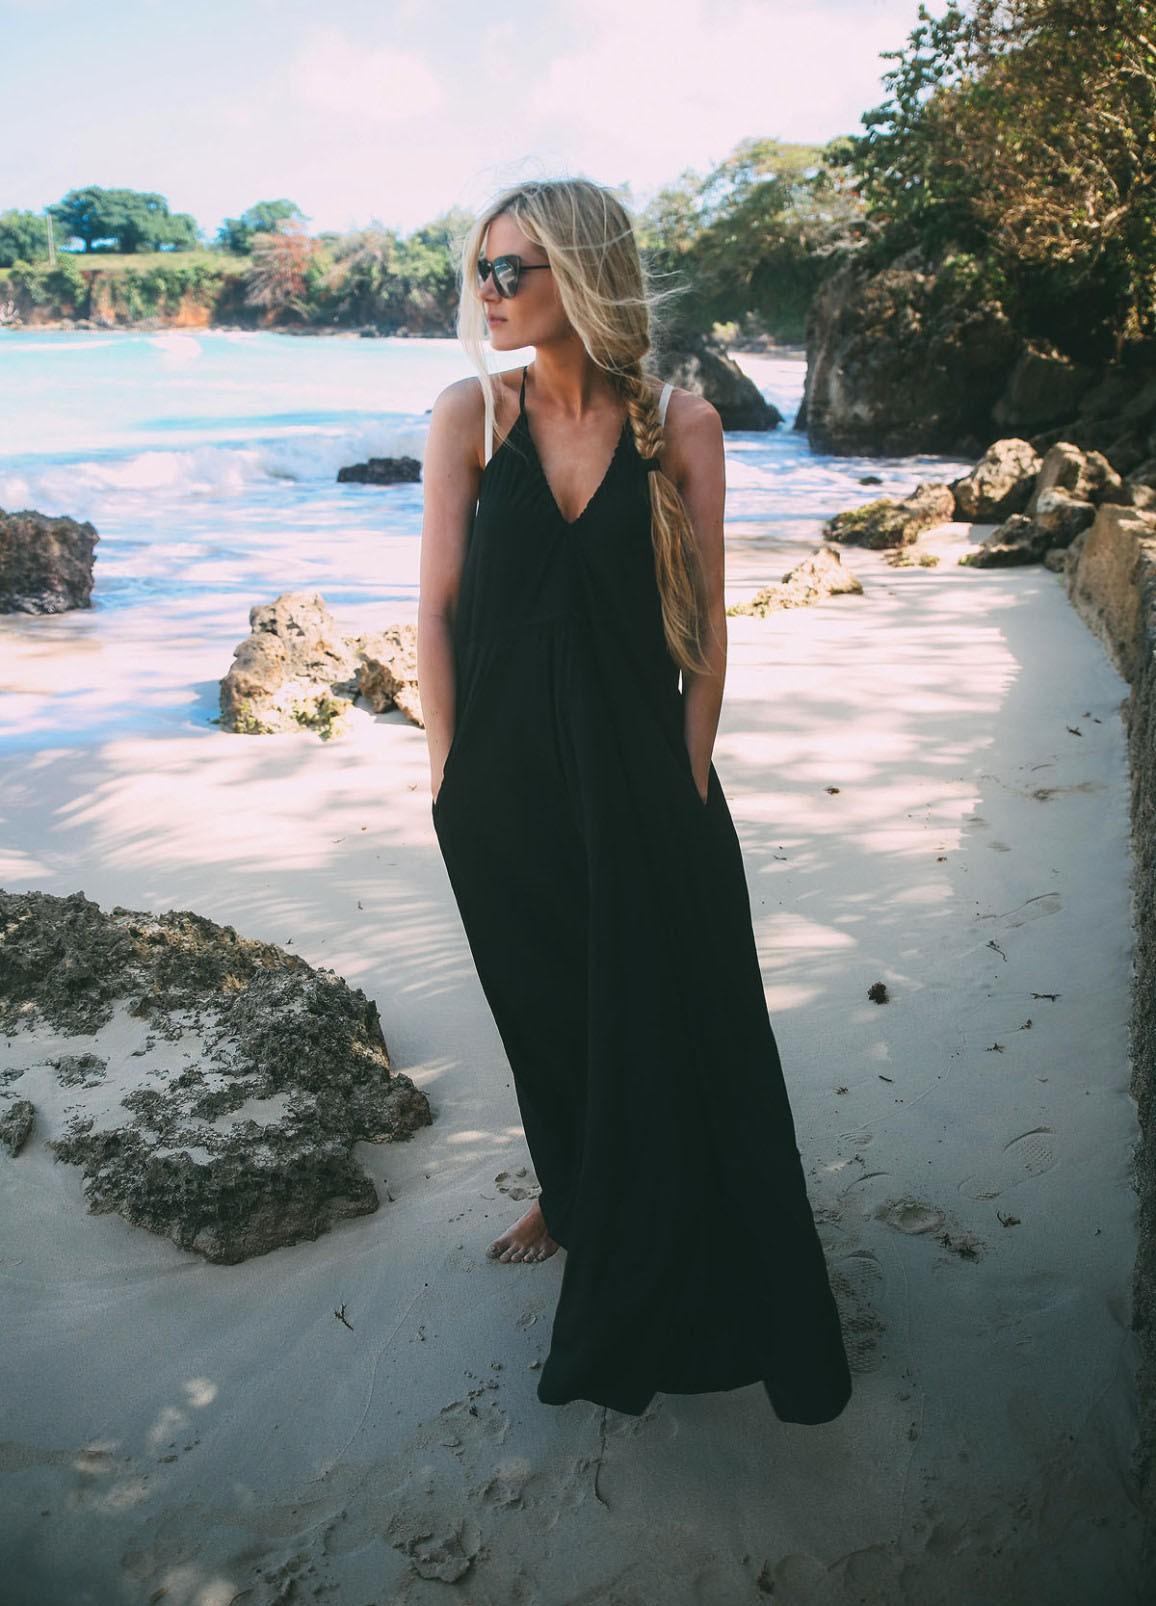 Đâu cứ phải hè là rực rỡ, 6 kiểu váy đen này sẽ giúp chị em quyến rũ hơn bao giờ hết dưới cái nắng chói chang - Ảnh 1.